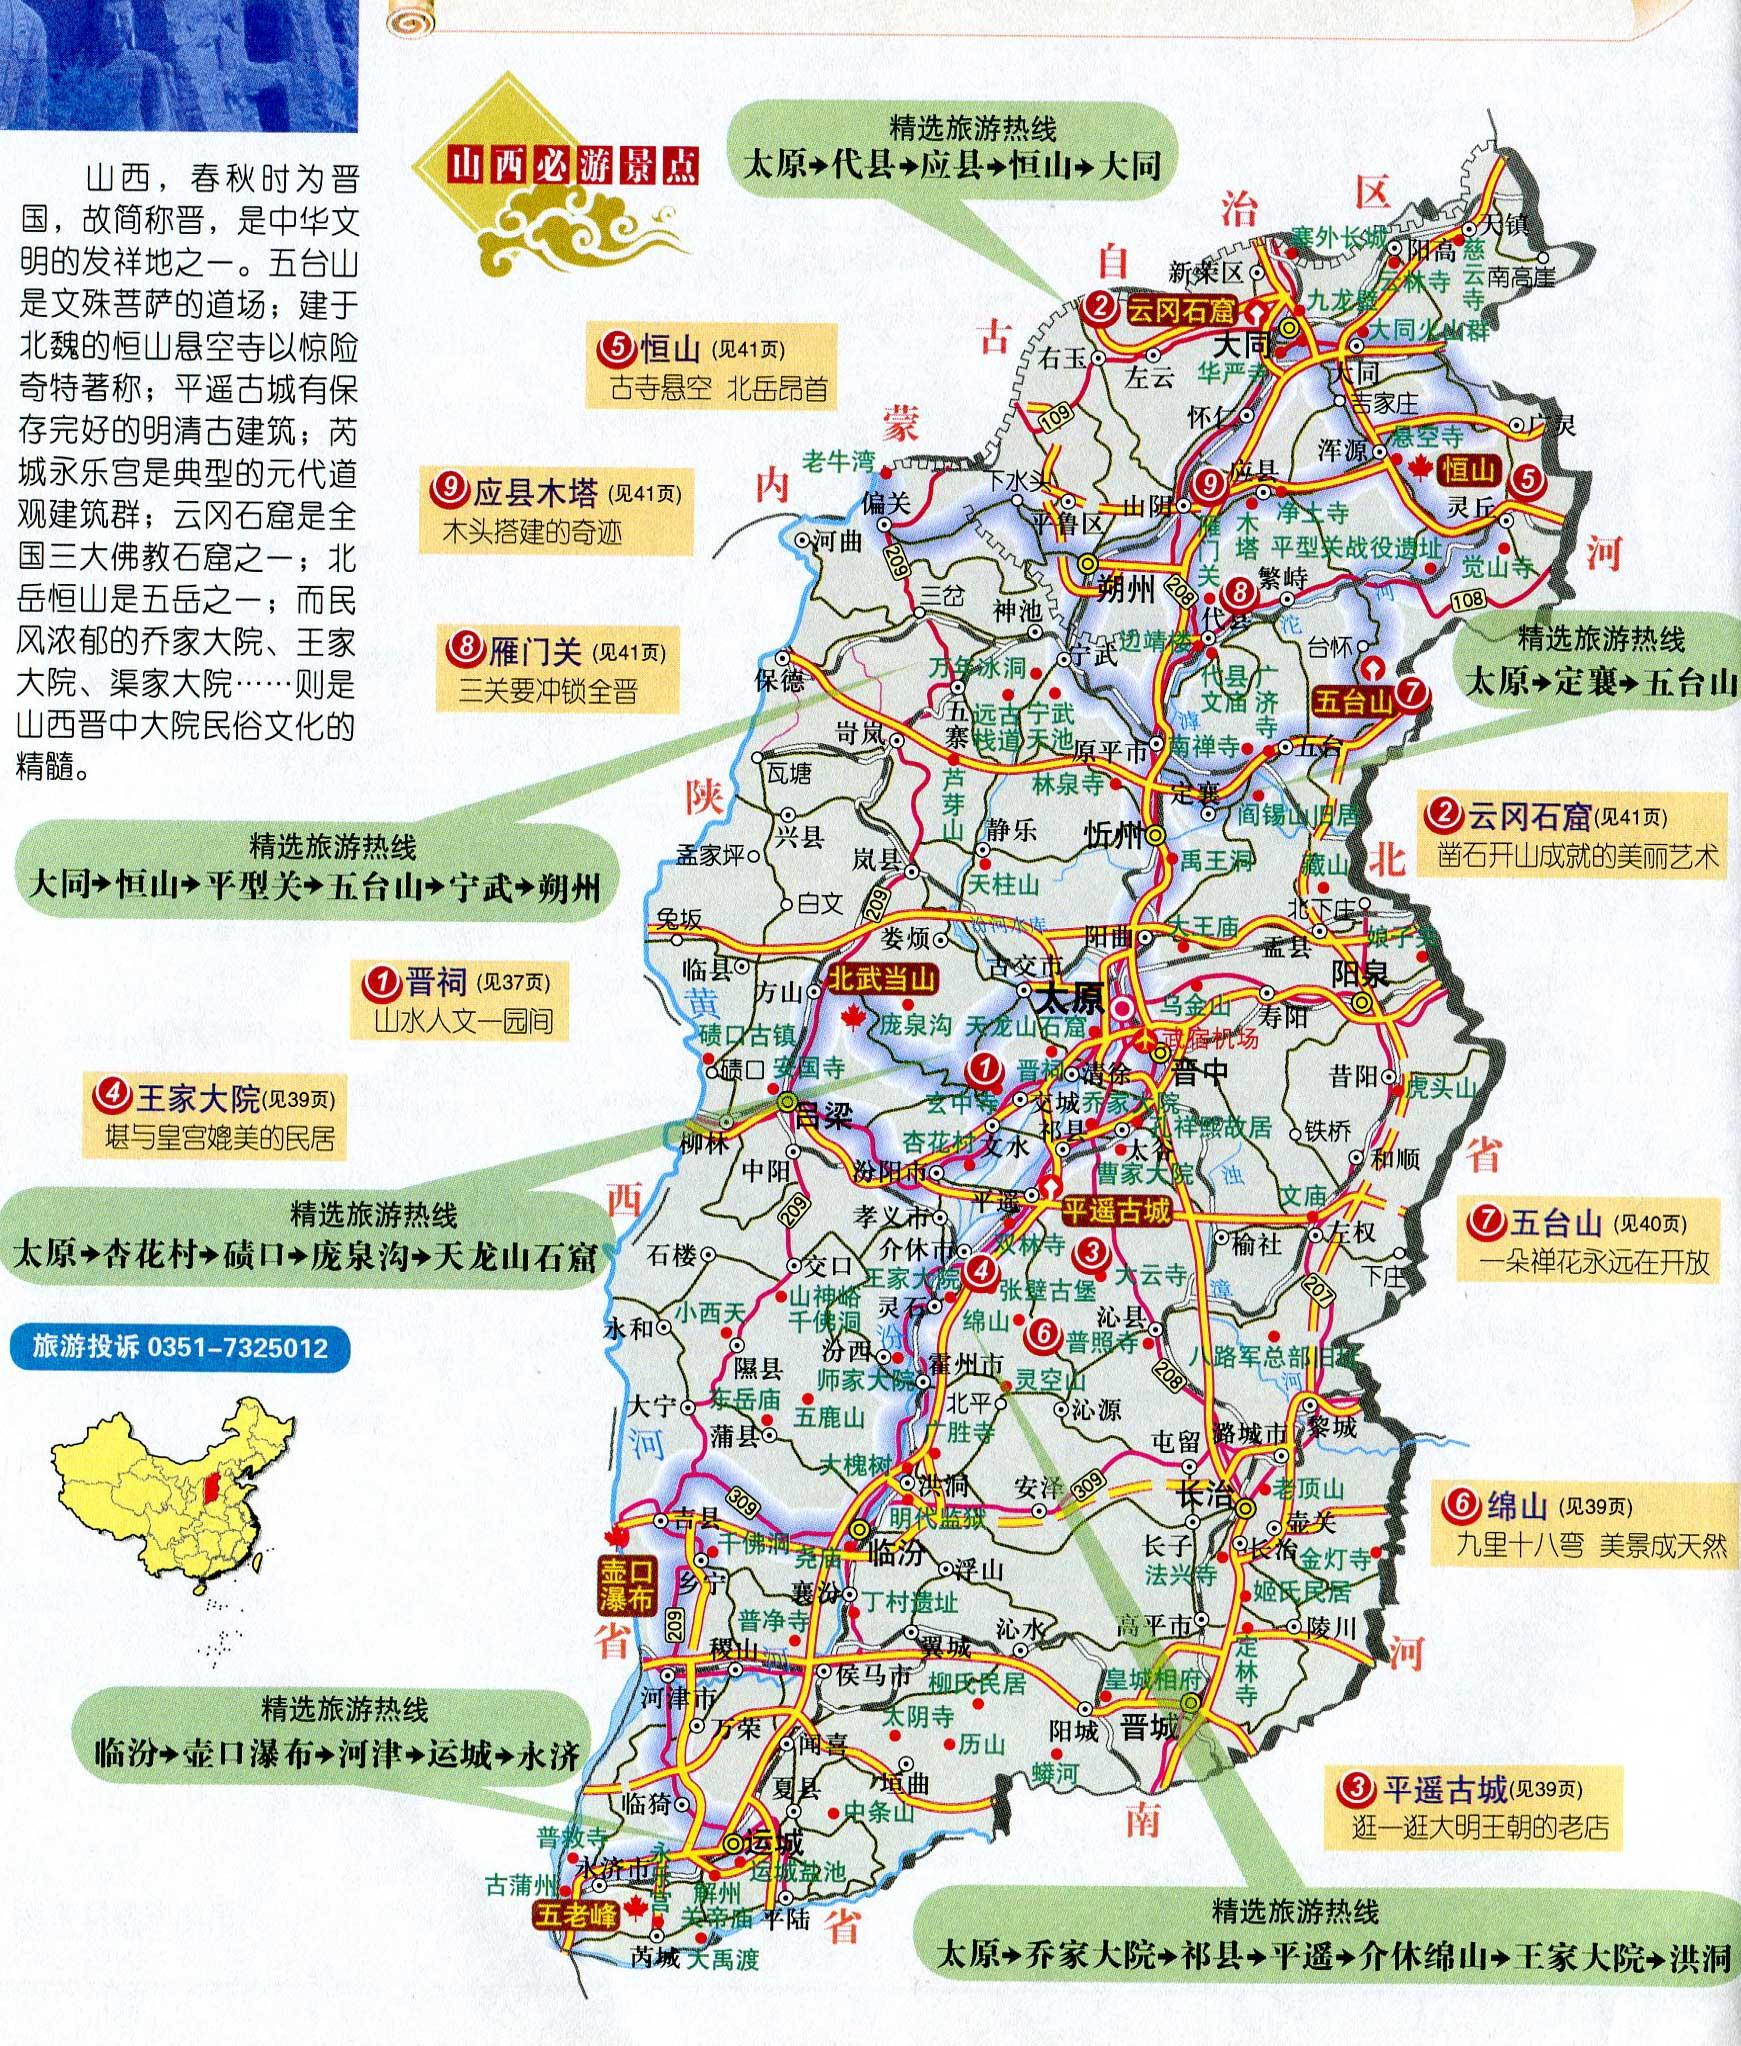 山西省旅游地图(必游景点)